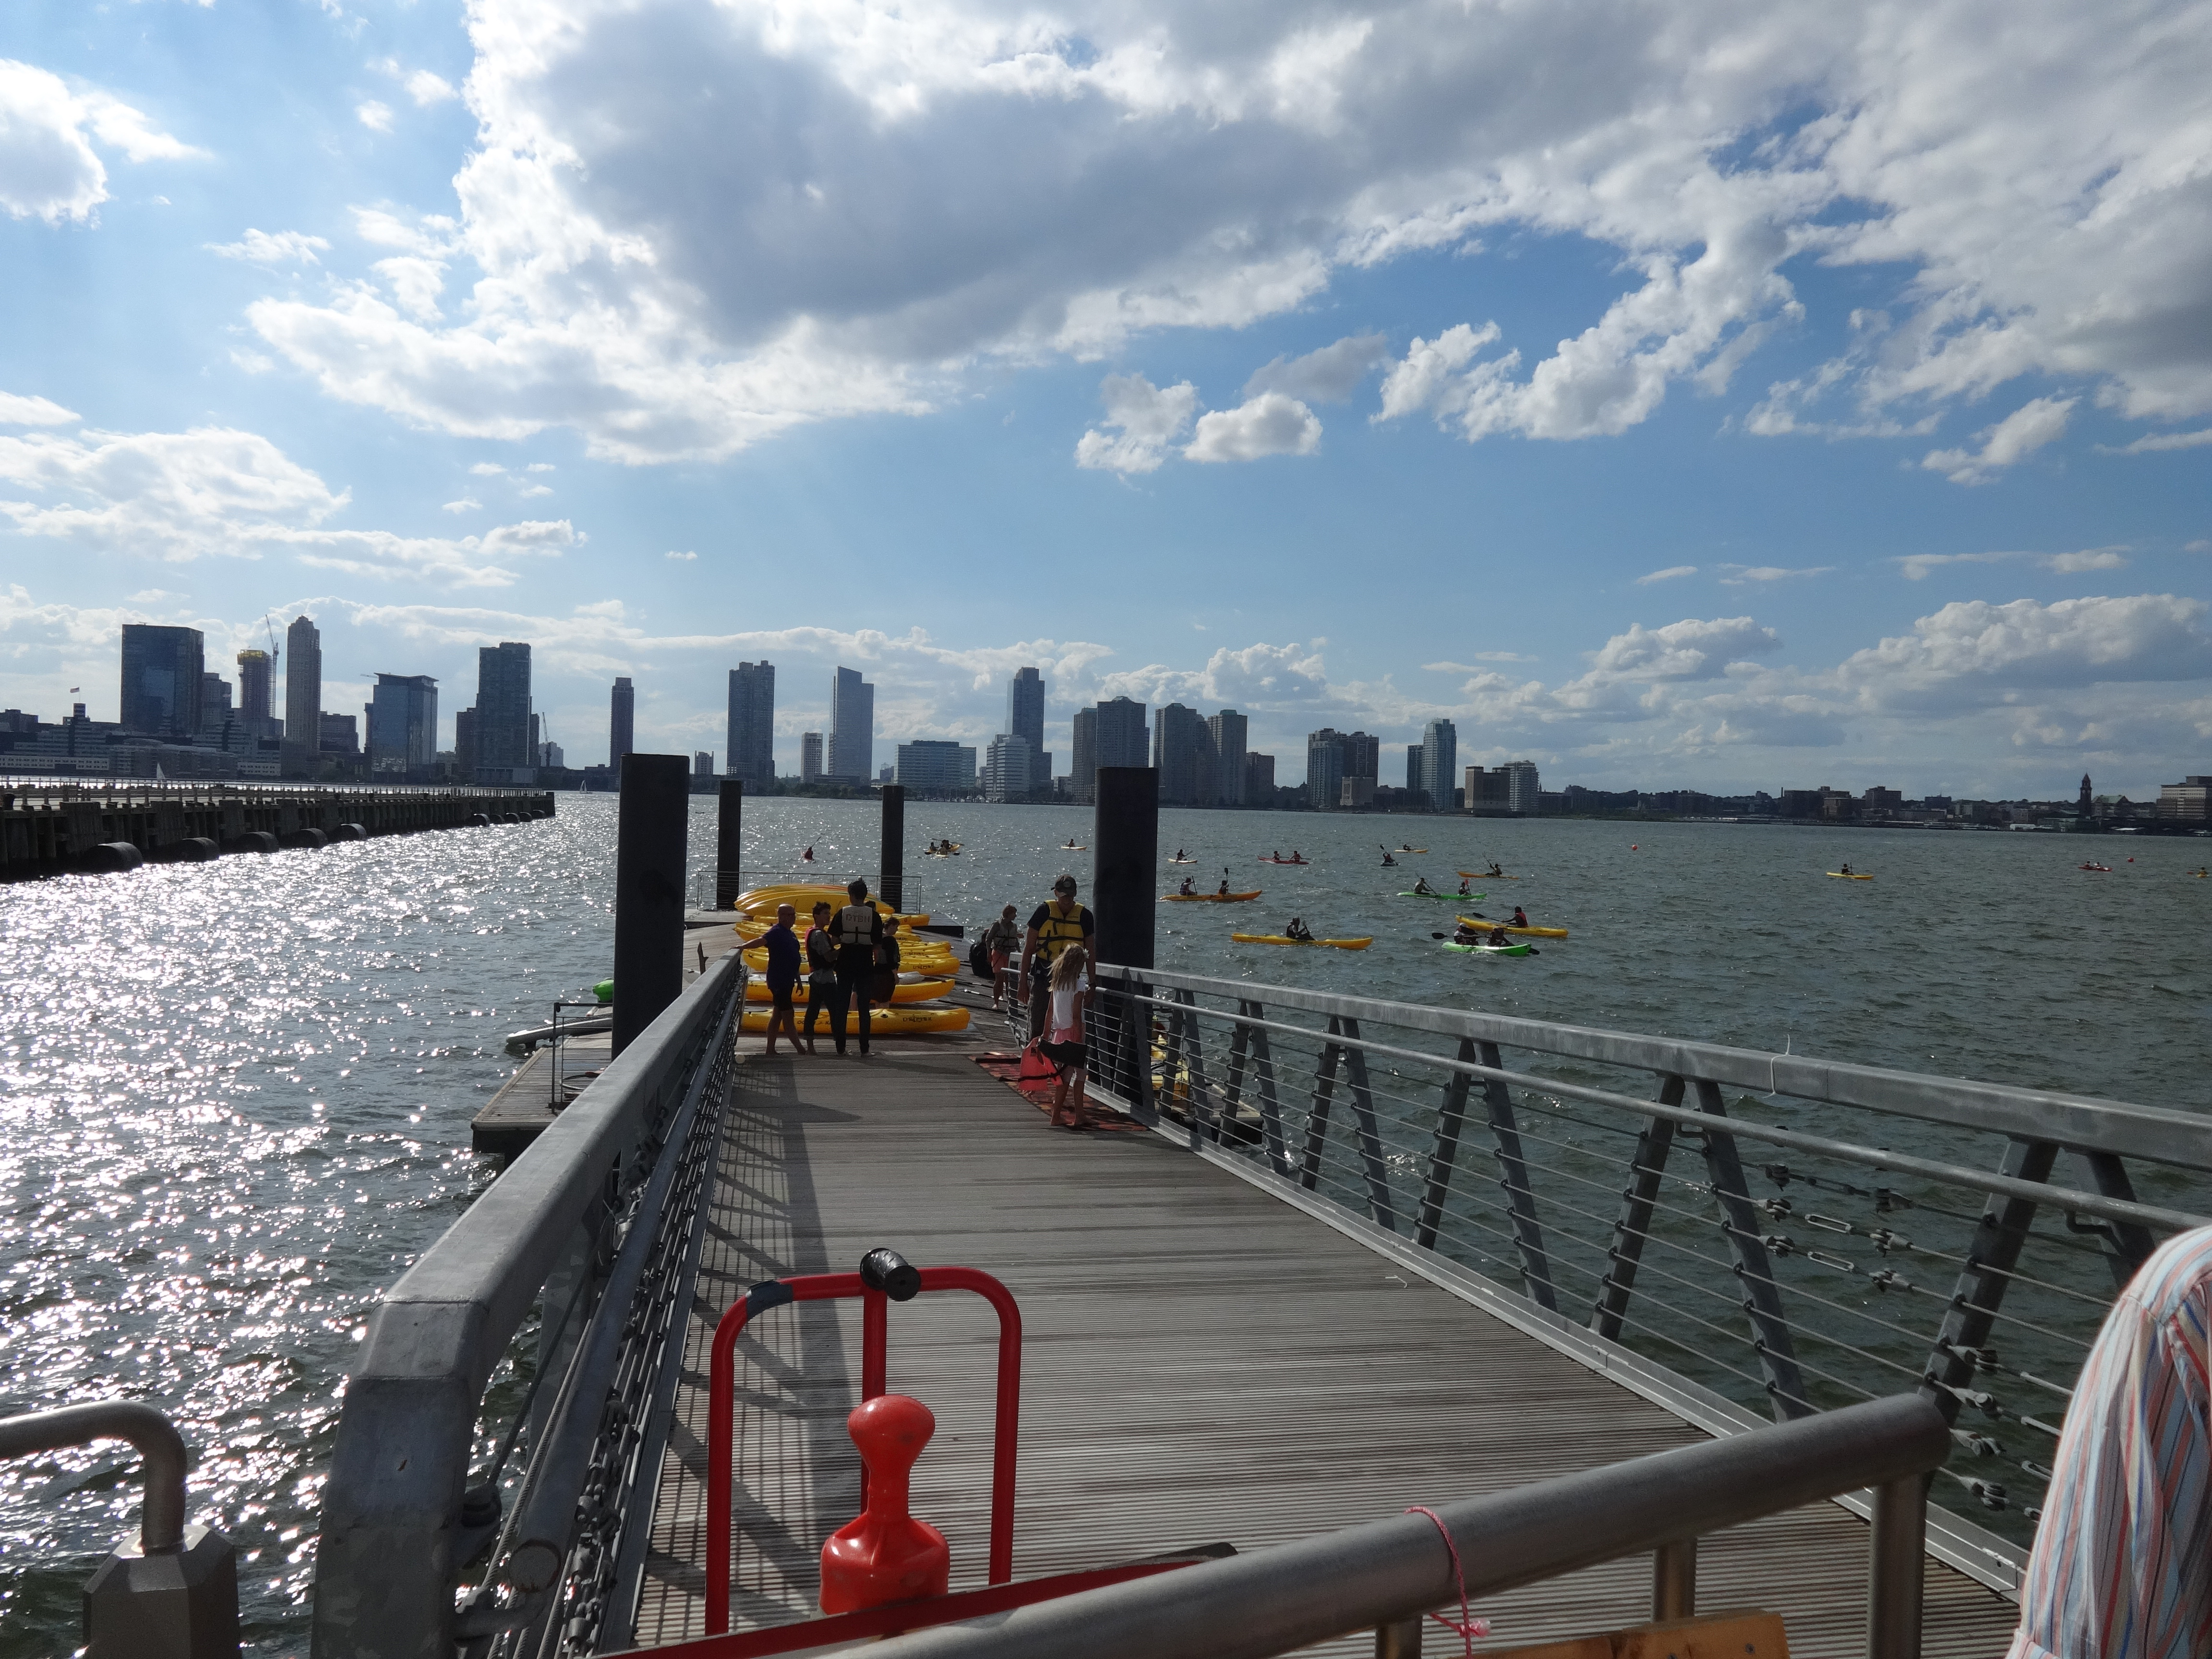 Pier 26 kayaks ramp